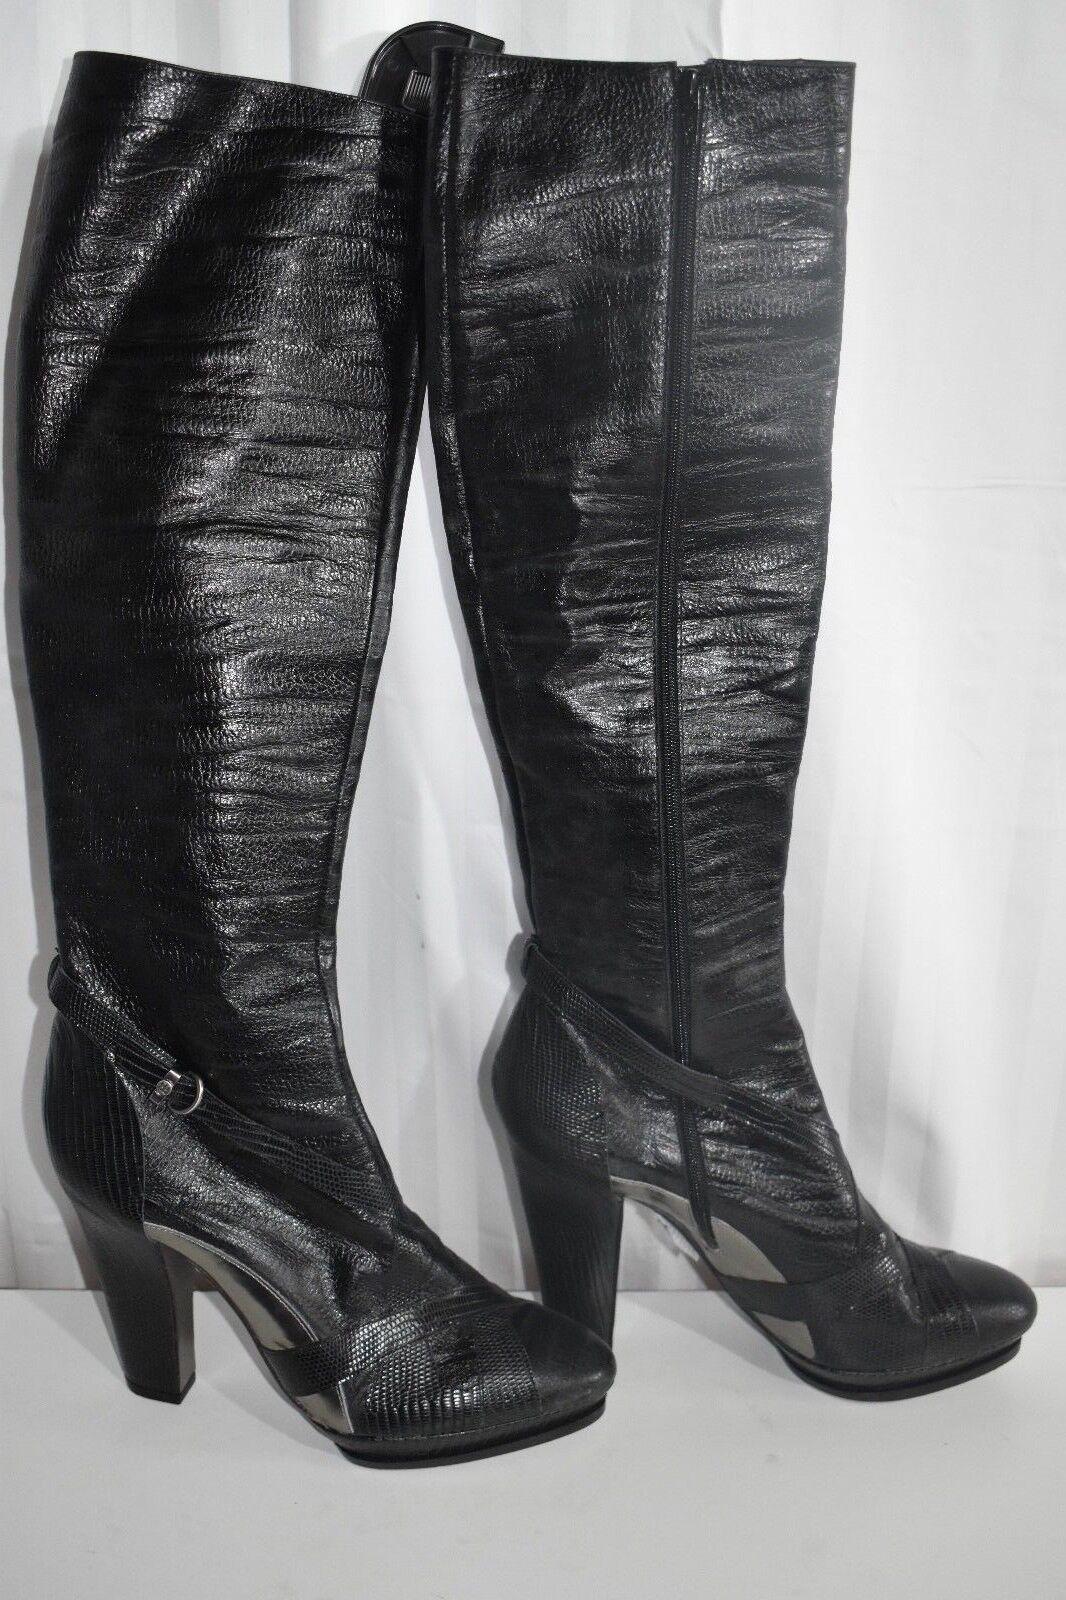 Nuevo BCBG Max Azria Cuero Negro Plateado Plateado Plateado la rodilla botas altas talla 9  nueva gama alta exclusiva